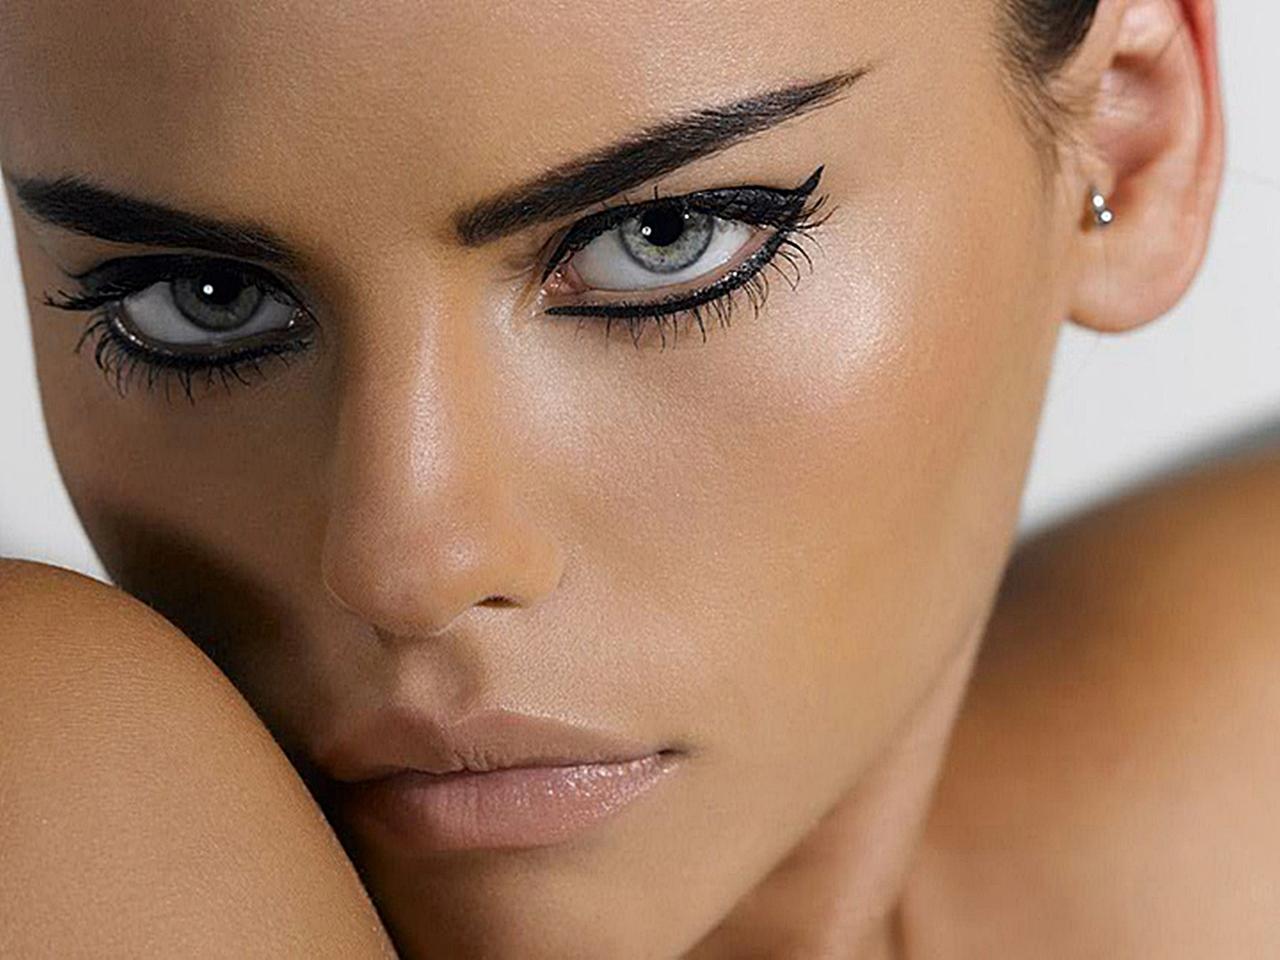 http://2.bp.blogspot.com/-EPey13iN-hE/UQAA4EkU6rI/AAAAAAAAAB0/OqxLuGaRpVs/s1600/Daniela+Freitas+Actress+In+Brazil.jpg